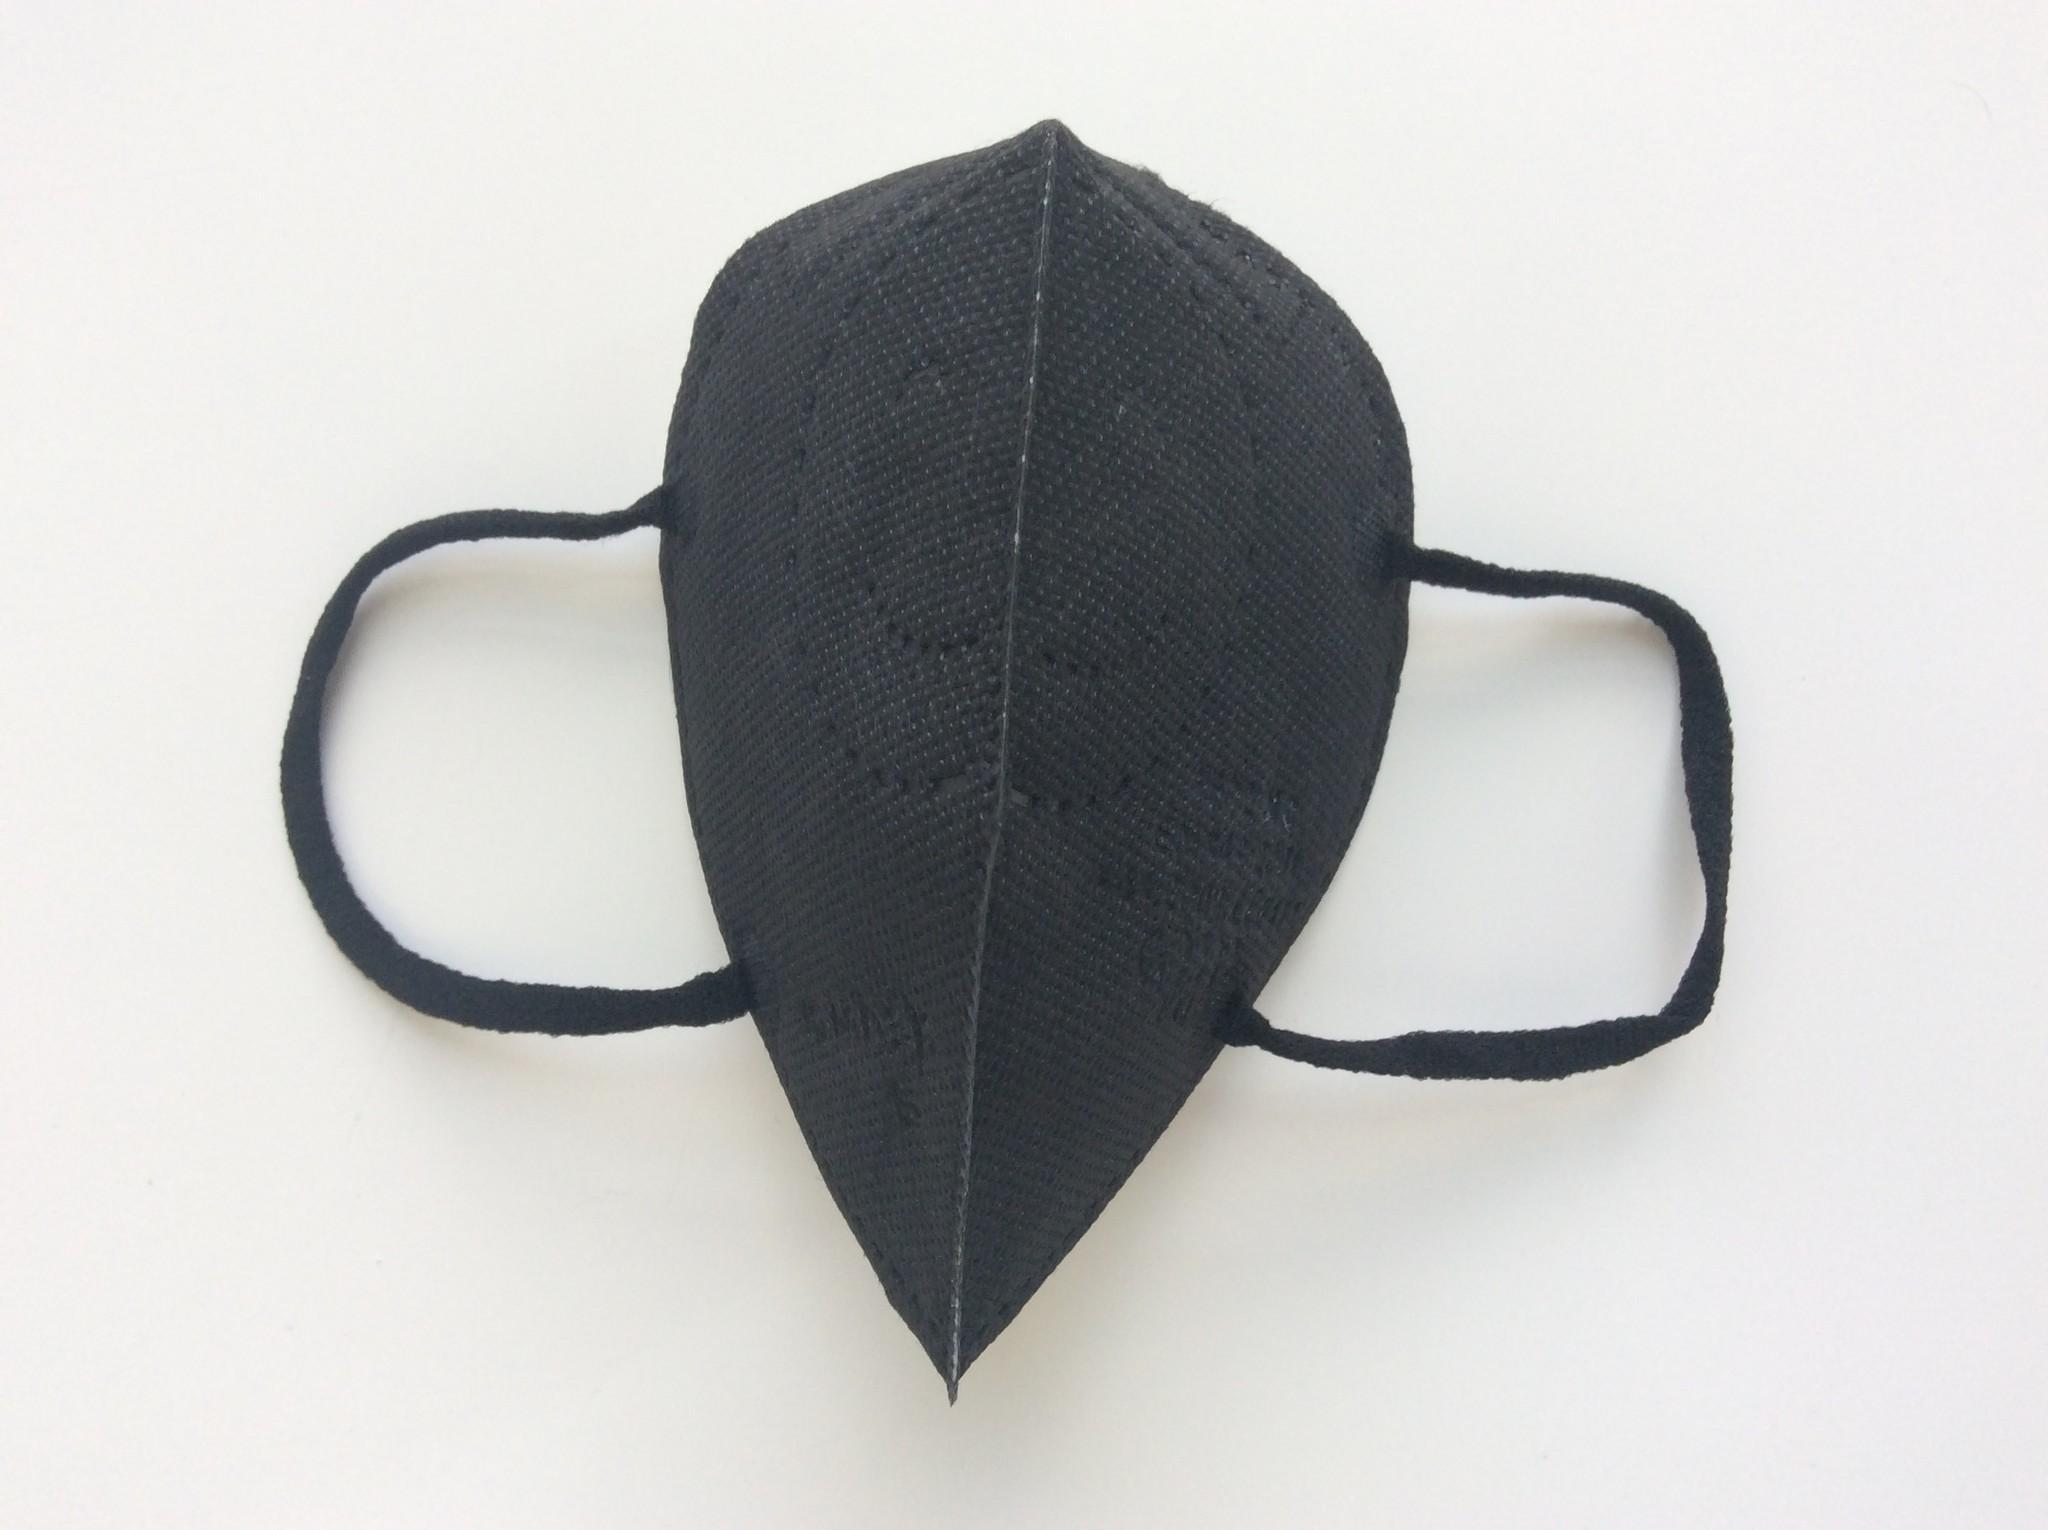 """IG-mask """"FFP2"""" IG-Mask - Color Black- 20 pcs (2.49 each)"""